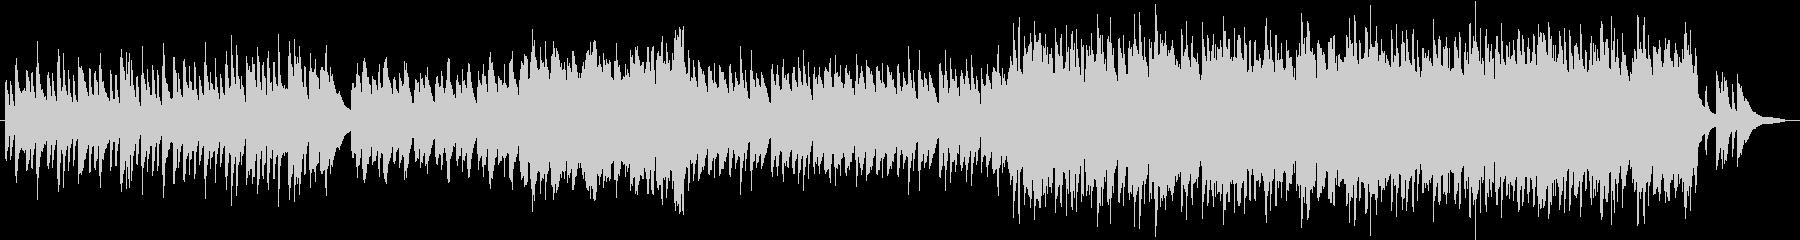 沖縄風のピアノ和曲の未再生の波形